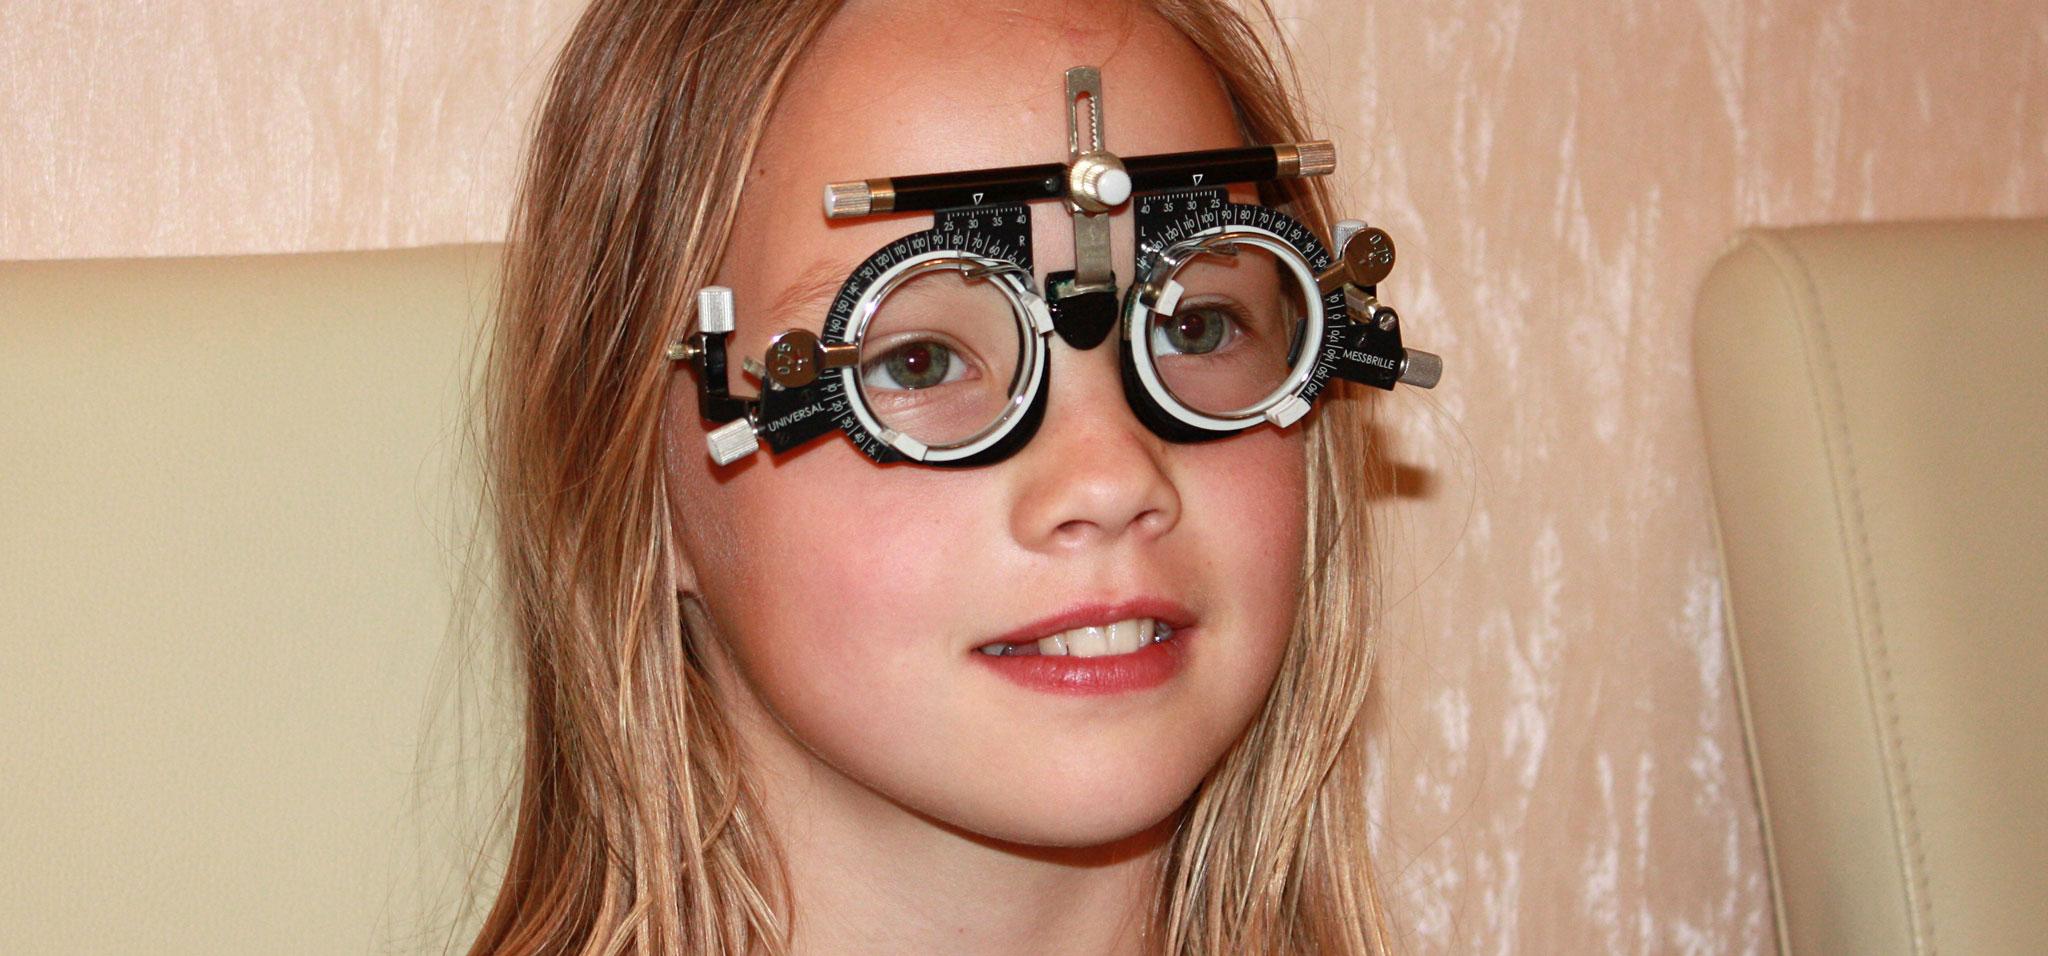 hogyan kezeljük a rövidlátást és hol a rövidlátás felnőtteknél kezelhető